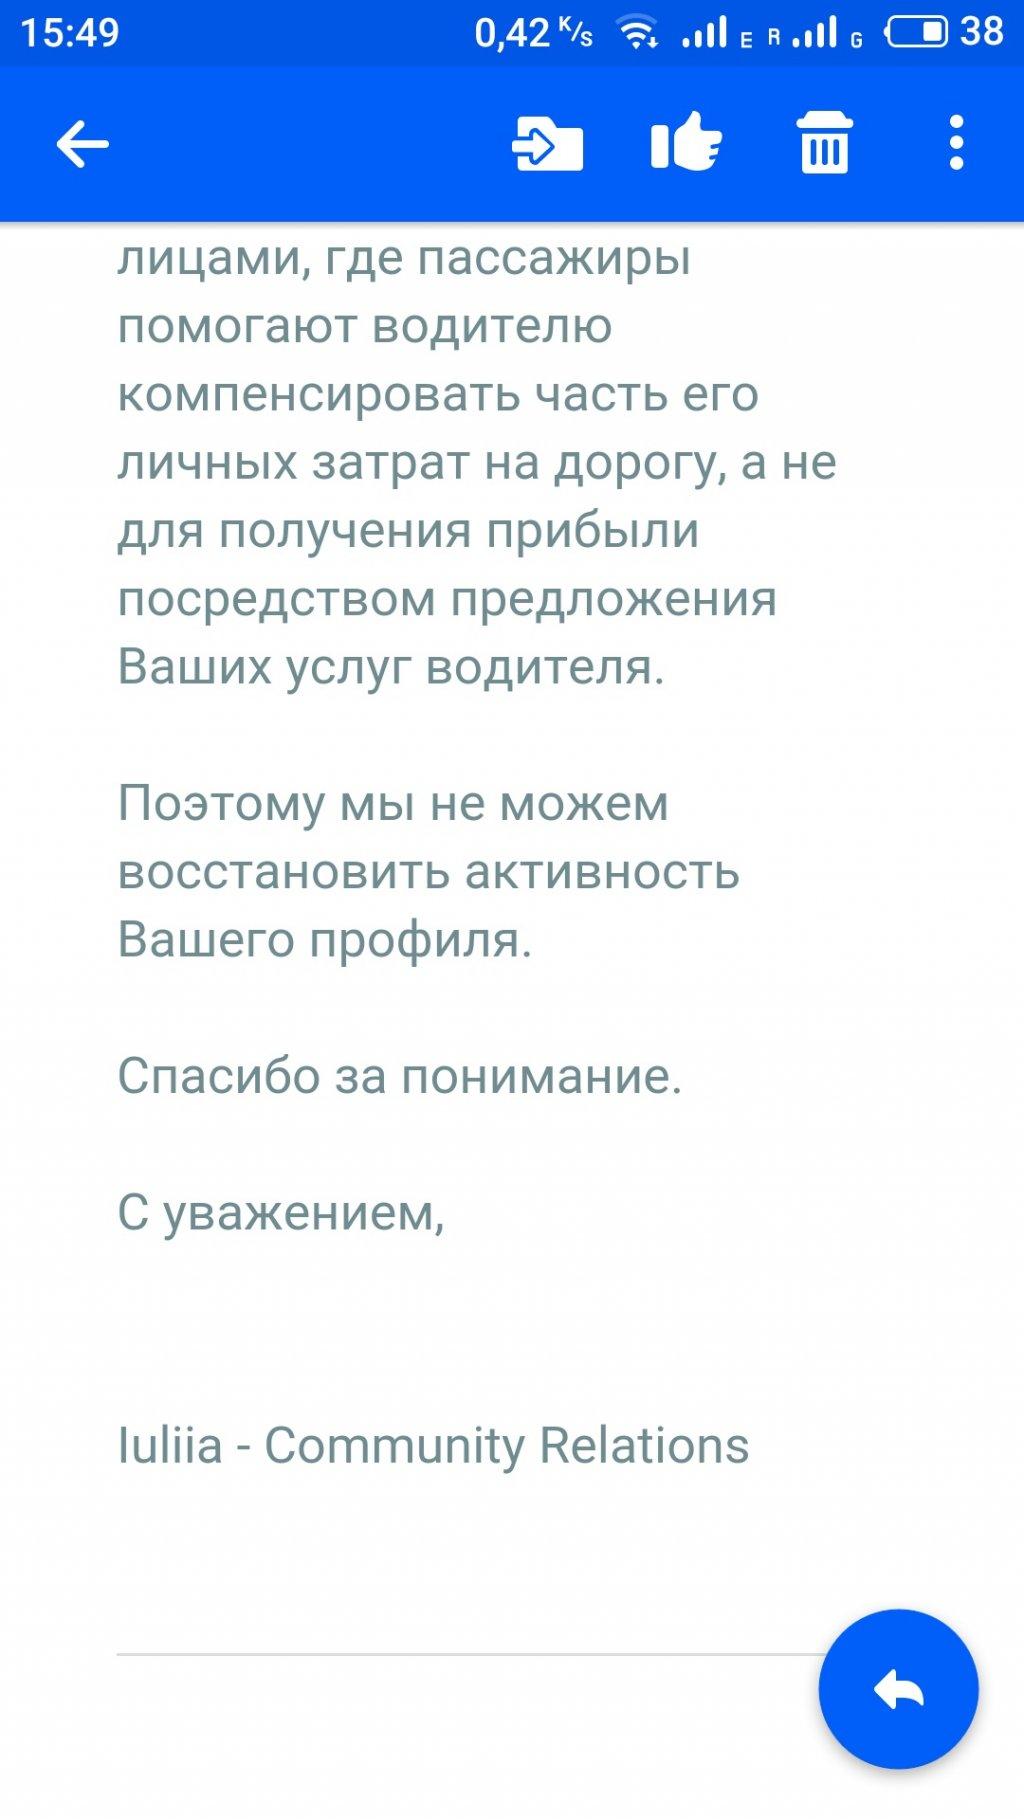 BlaBlaCar - Удалили профиль. Беспредел.